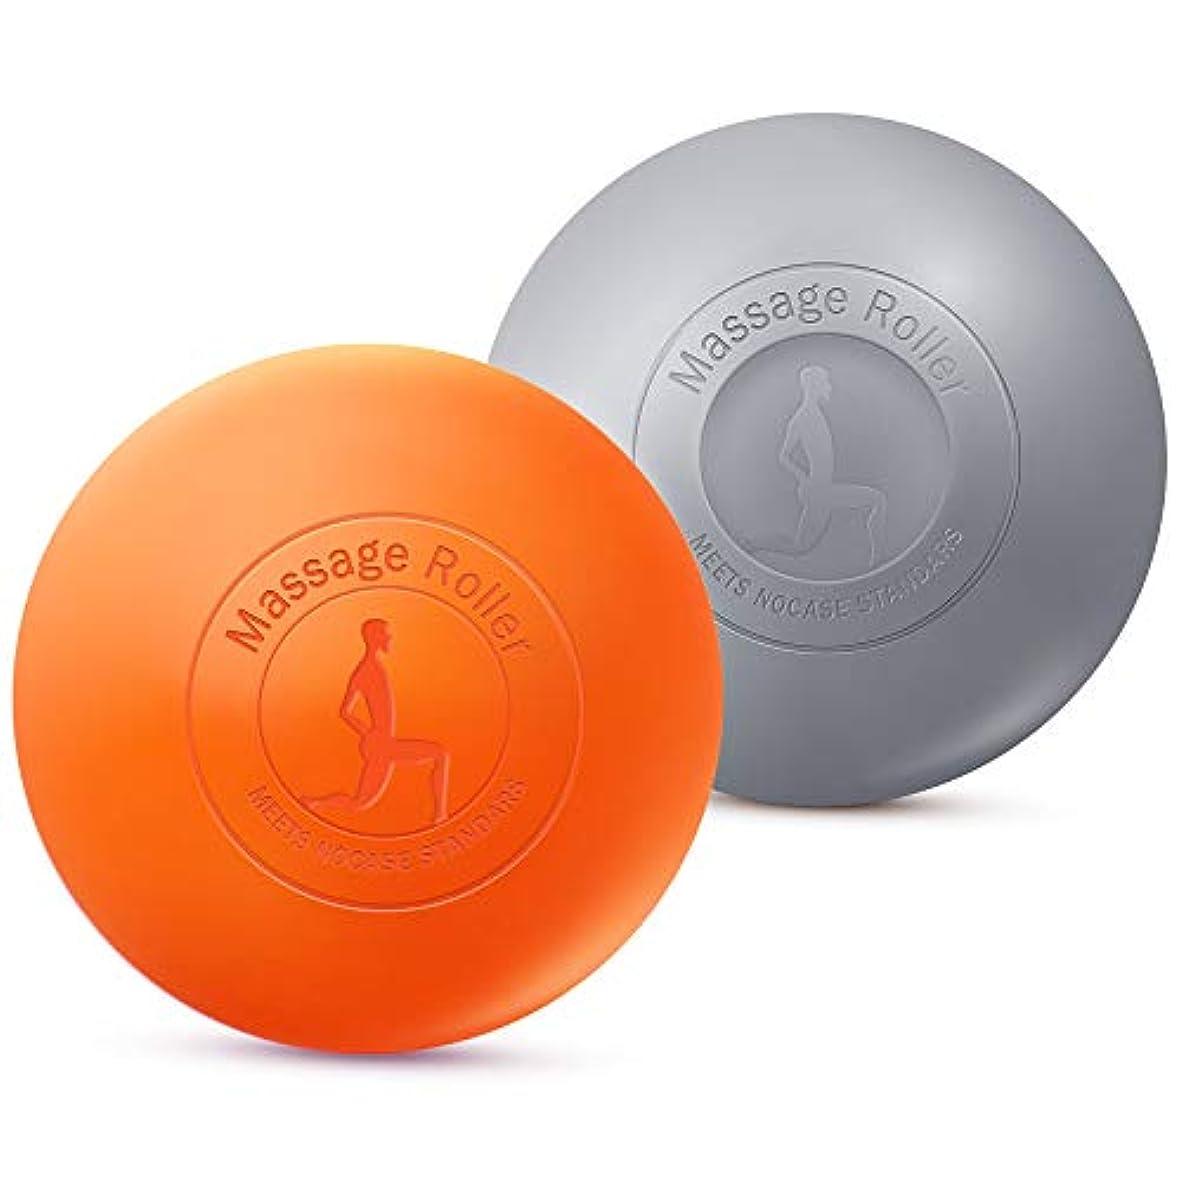 する必要がある機関車専制マッサージボール 筋膜 ボール2019最新版 KOOLSENトリガーポイント ストレッチボール 首 肩 背中 腰 お尻 太もも ふくらはぎ 足裏 筋膜リリース ヨガボール 自宅用 トレーニングルーム用 オフィス用